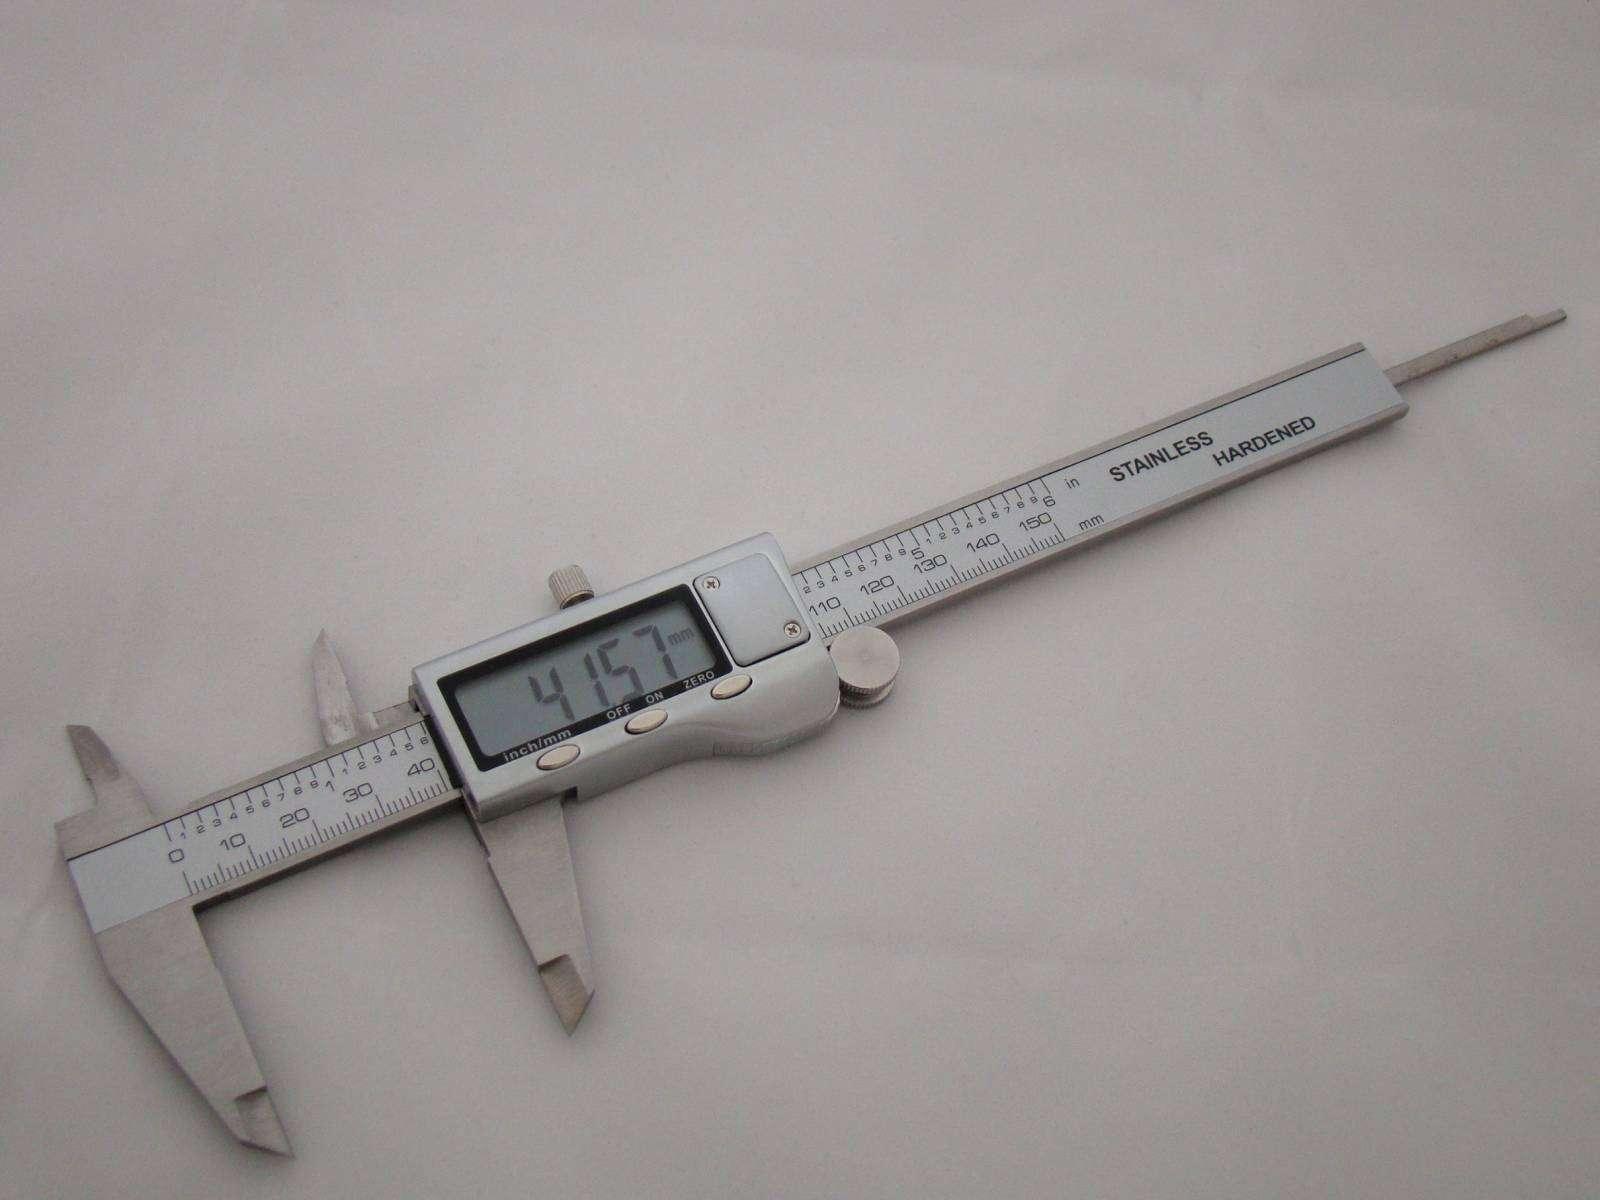 TVC-Mall: Стальной штангельциркуль 150 мм, с весьма точными измерениями.